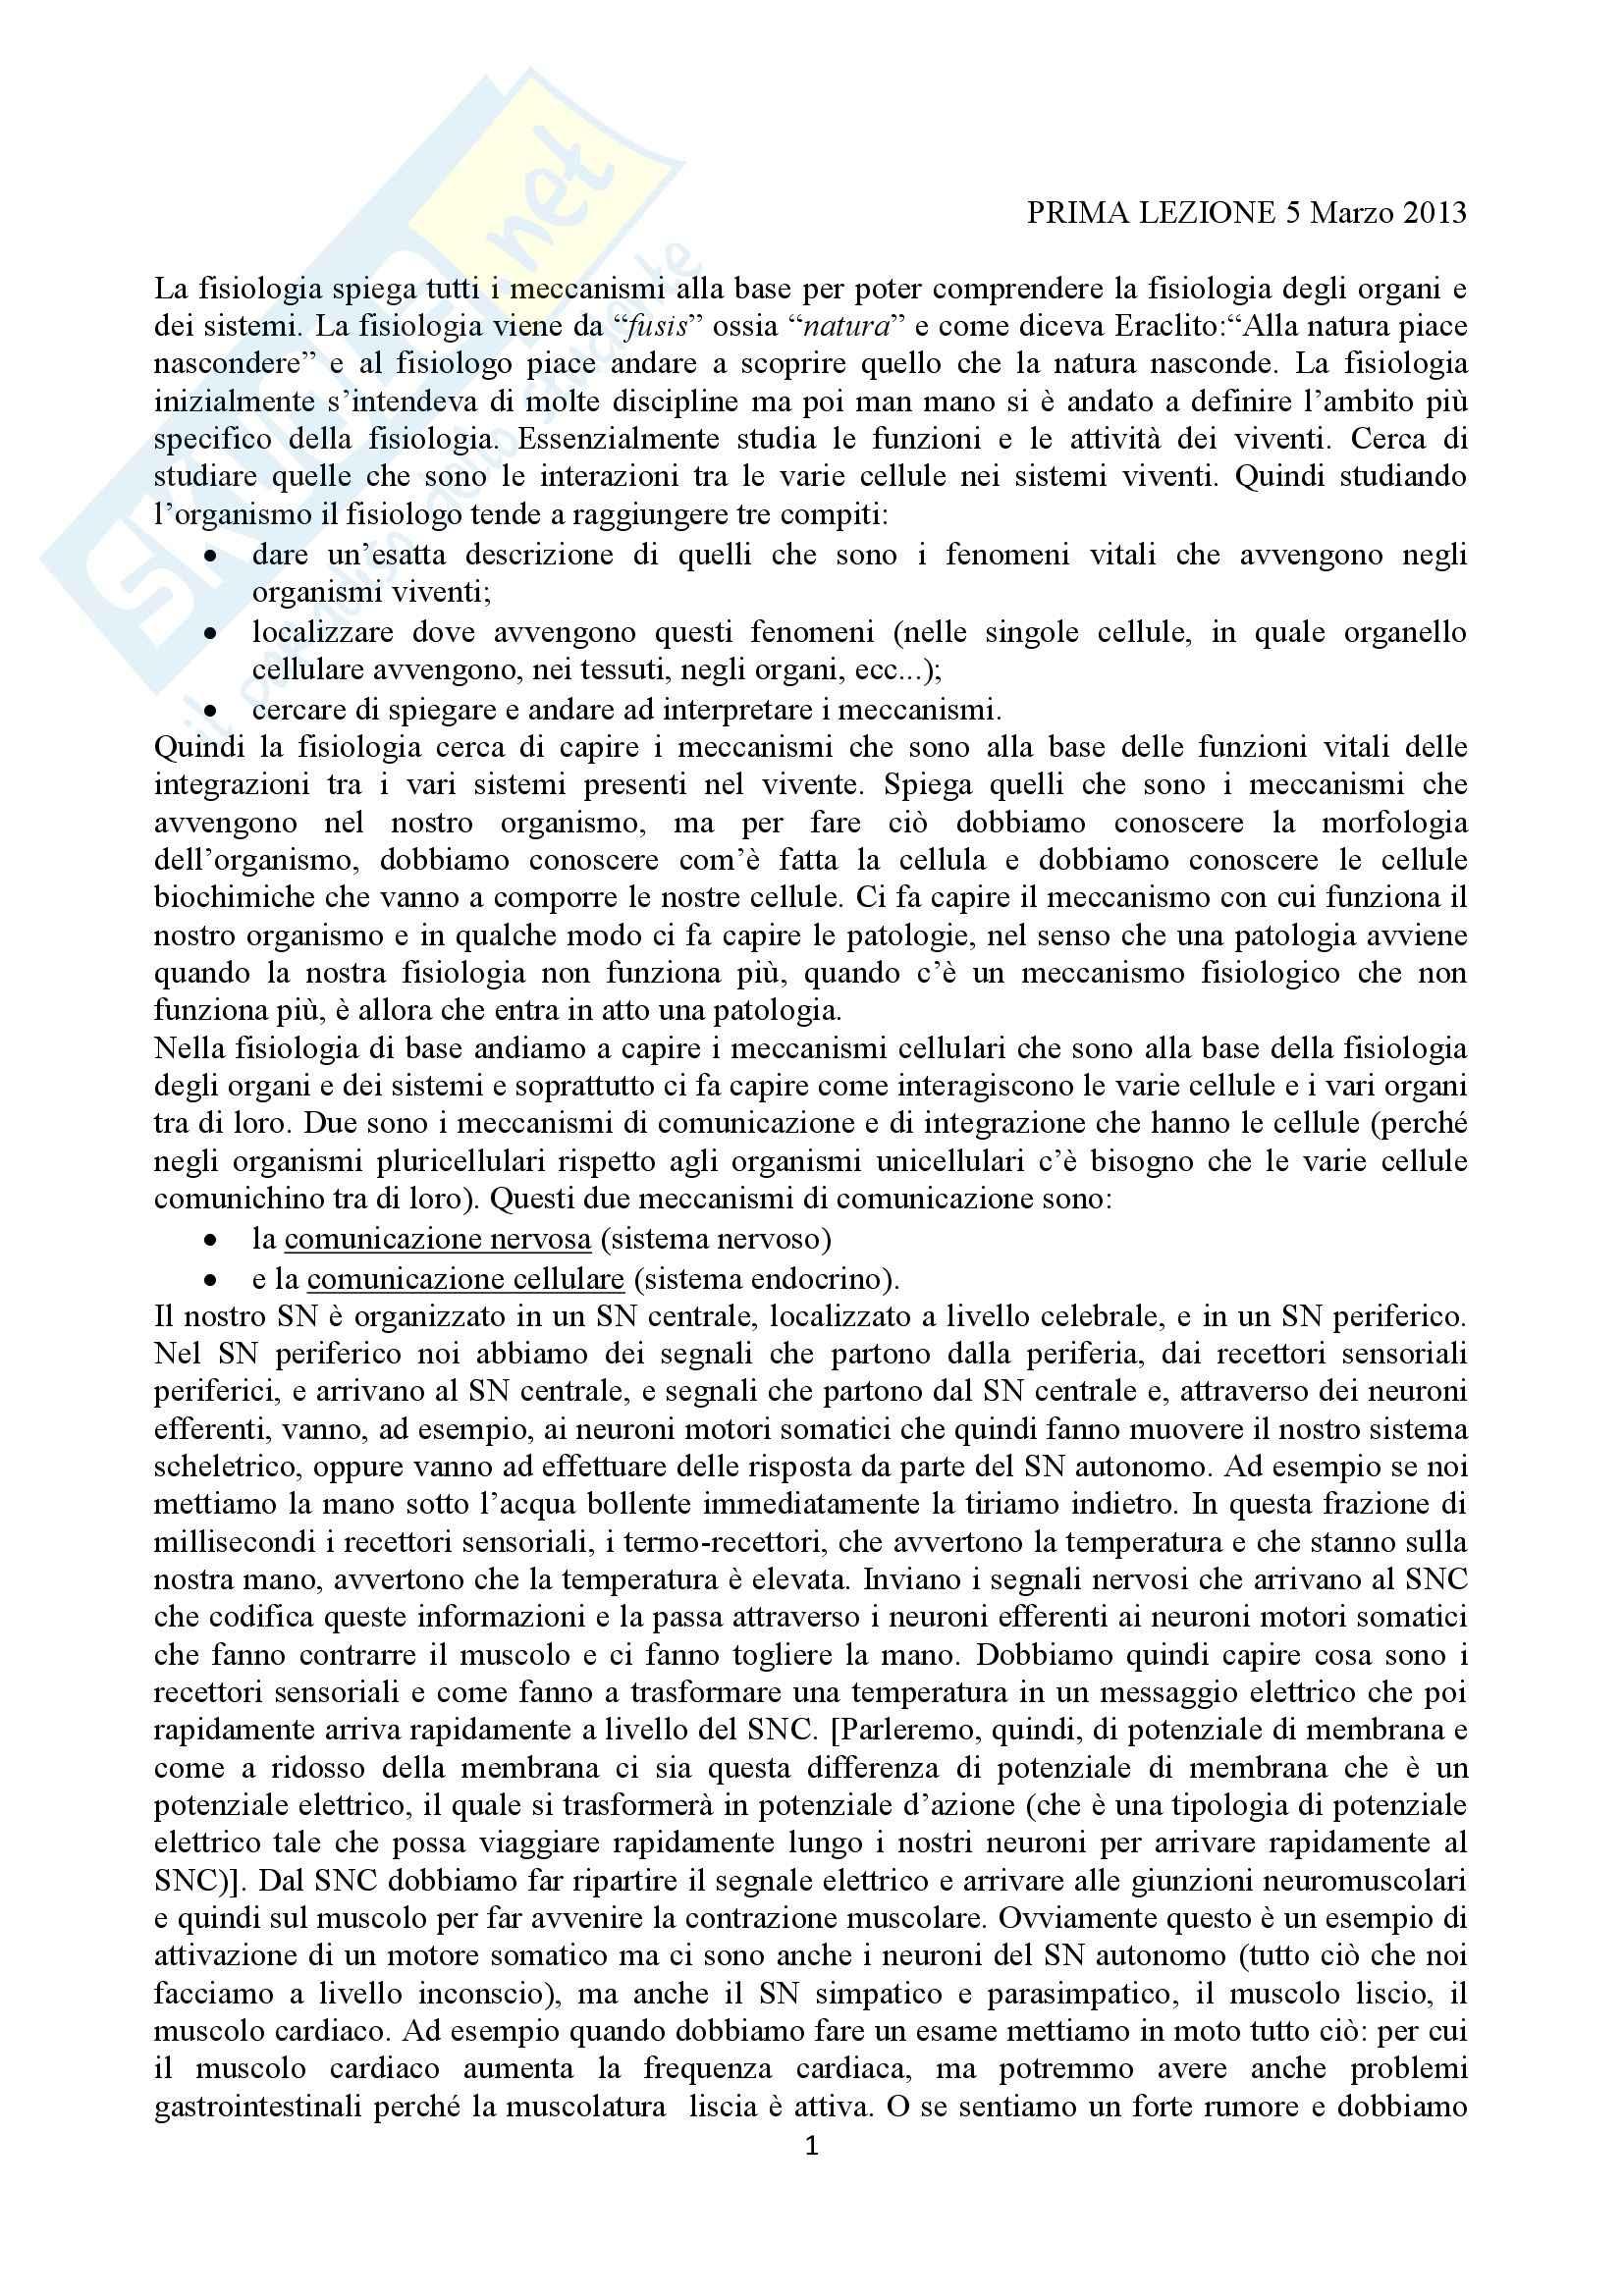 Lezioni, Fisiologia generale (cellulare)